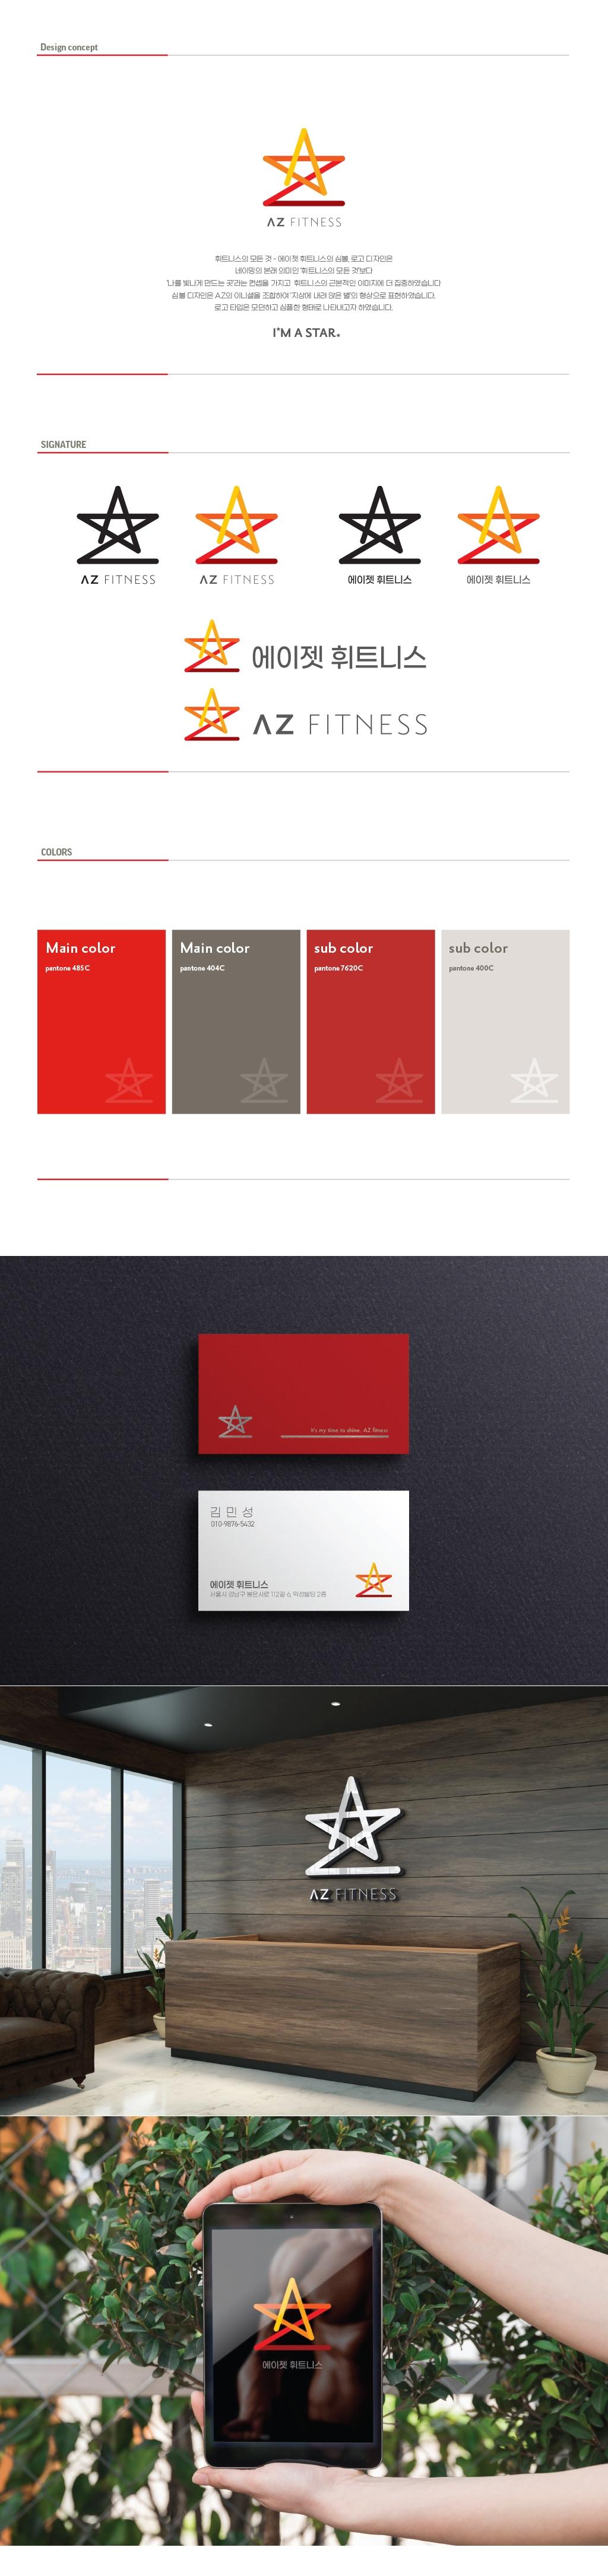 로고+간판 디자인 | 휘트니스 클럽 로고 디자인의뢰 | 라우드소싱 포트폴리오